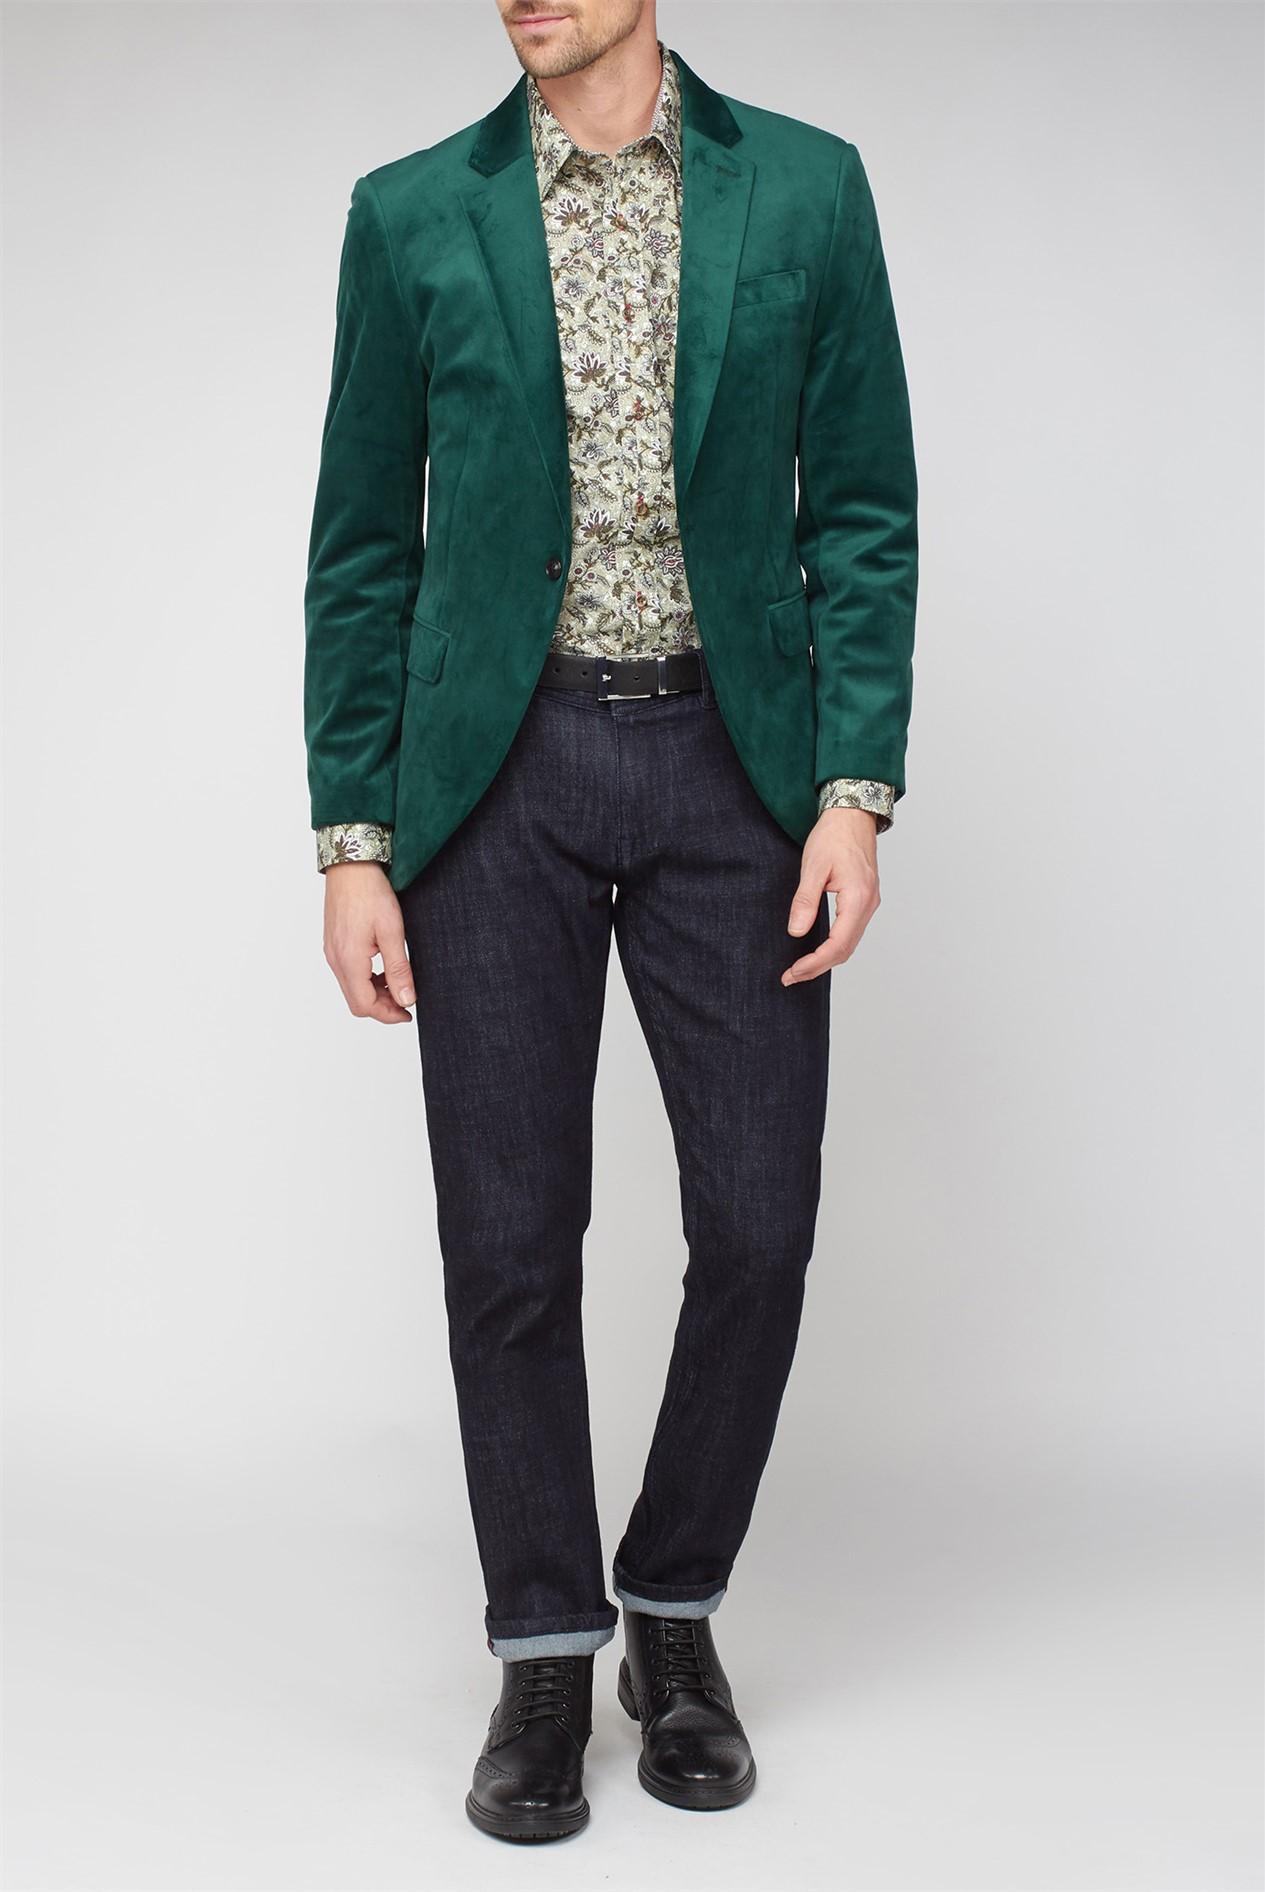 Jeff Banks Green Velvet Dresswear Jacket Mens Velvet Blazer